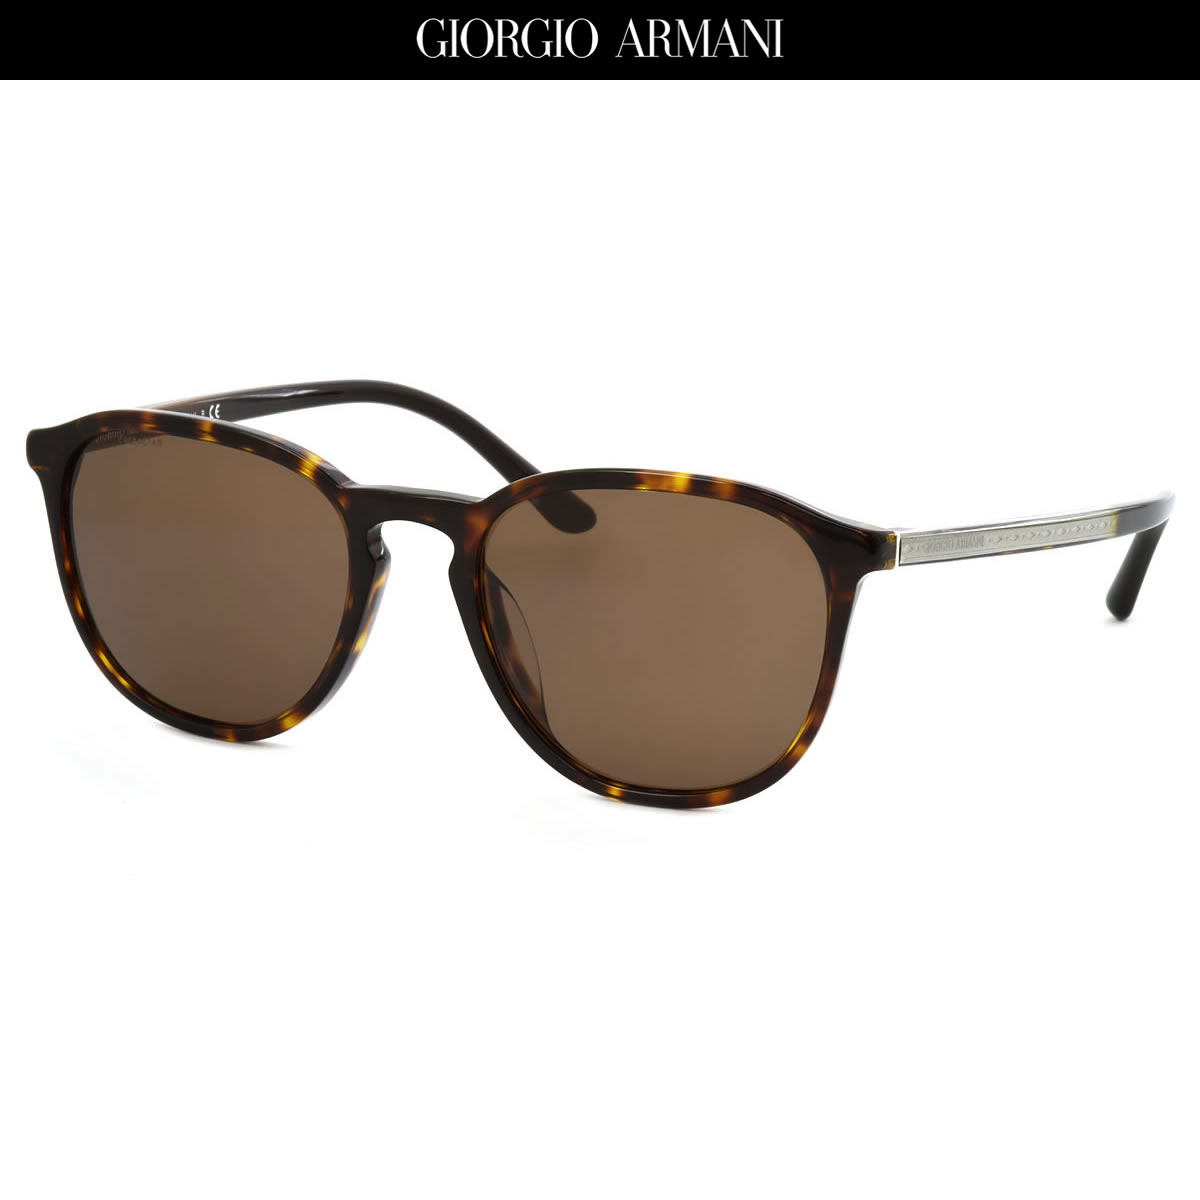 GIORGIO ARMANI ジョルジオアルマーニ サングラスAR8104F 502673 53サイズFRAMES OF LIFE フレームズ オブ ライフ トレンド レトロジョルジオアルマーニ GIORGIOARMANI メンズ レディース